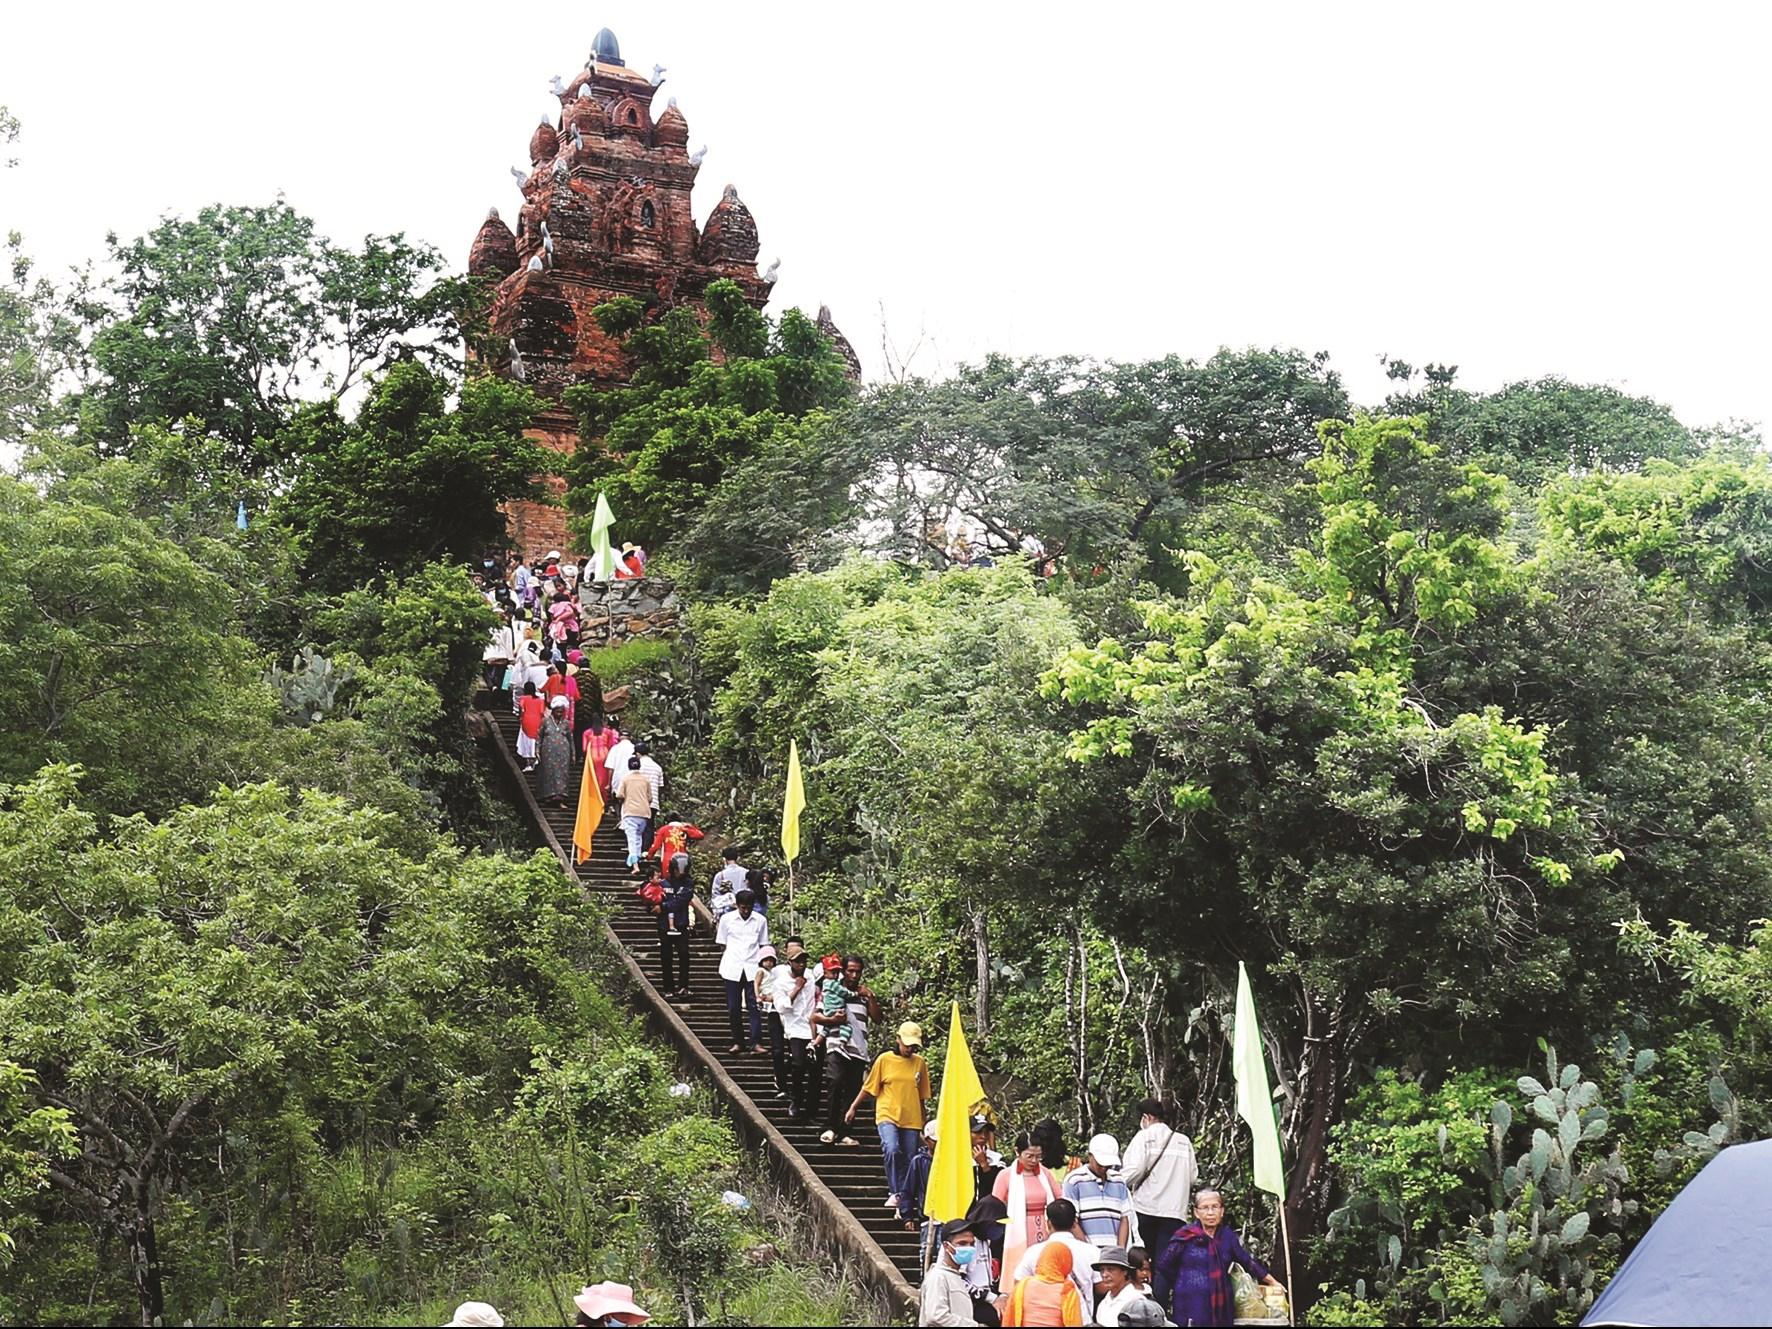 Du khách tham quan tại tháp Pô Rômê thôn hậu Sanh, xã Phước Hữu (Ninh Phước)